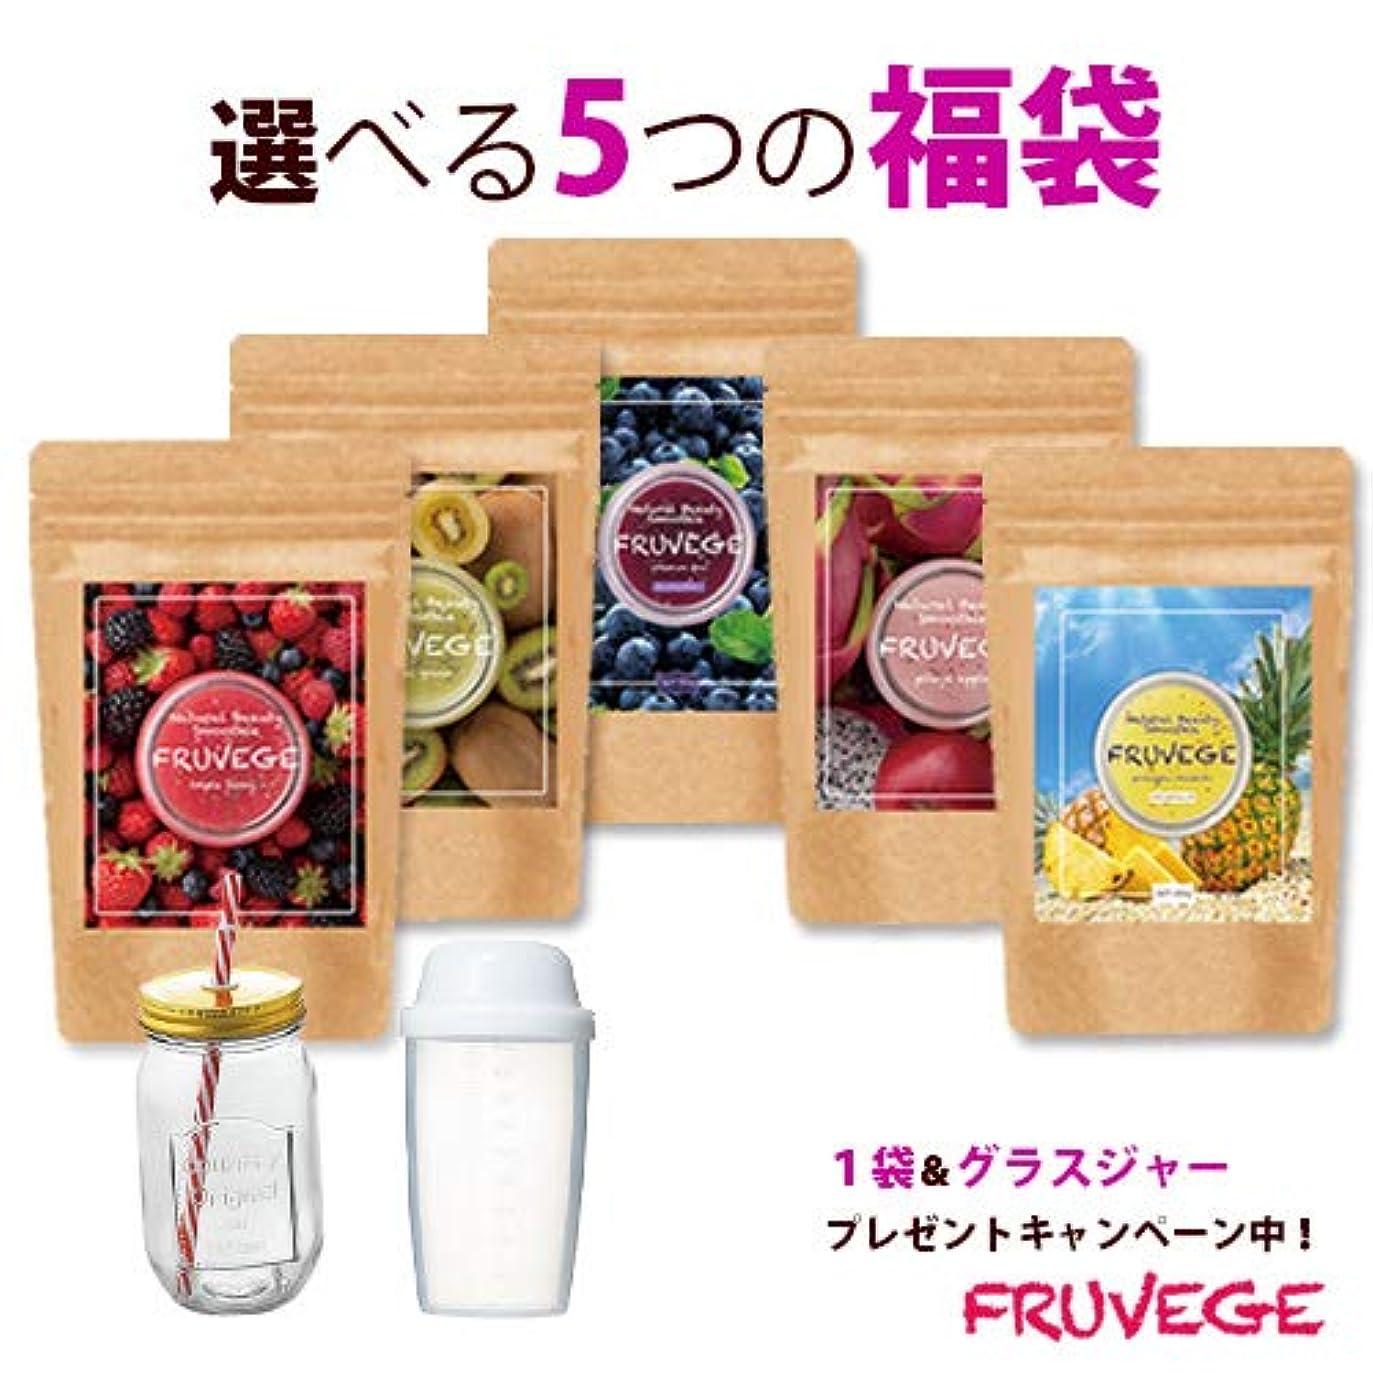 ロール欲しいです真面目な[福袋]1袋プレゼント☆チアシード × スムージー(300g×5袋 約250杯分)フルベジ アサイー パイナップル ベリー ピタヤ ダイエット食品 置き換え ダイエット 酵素 粉末